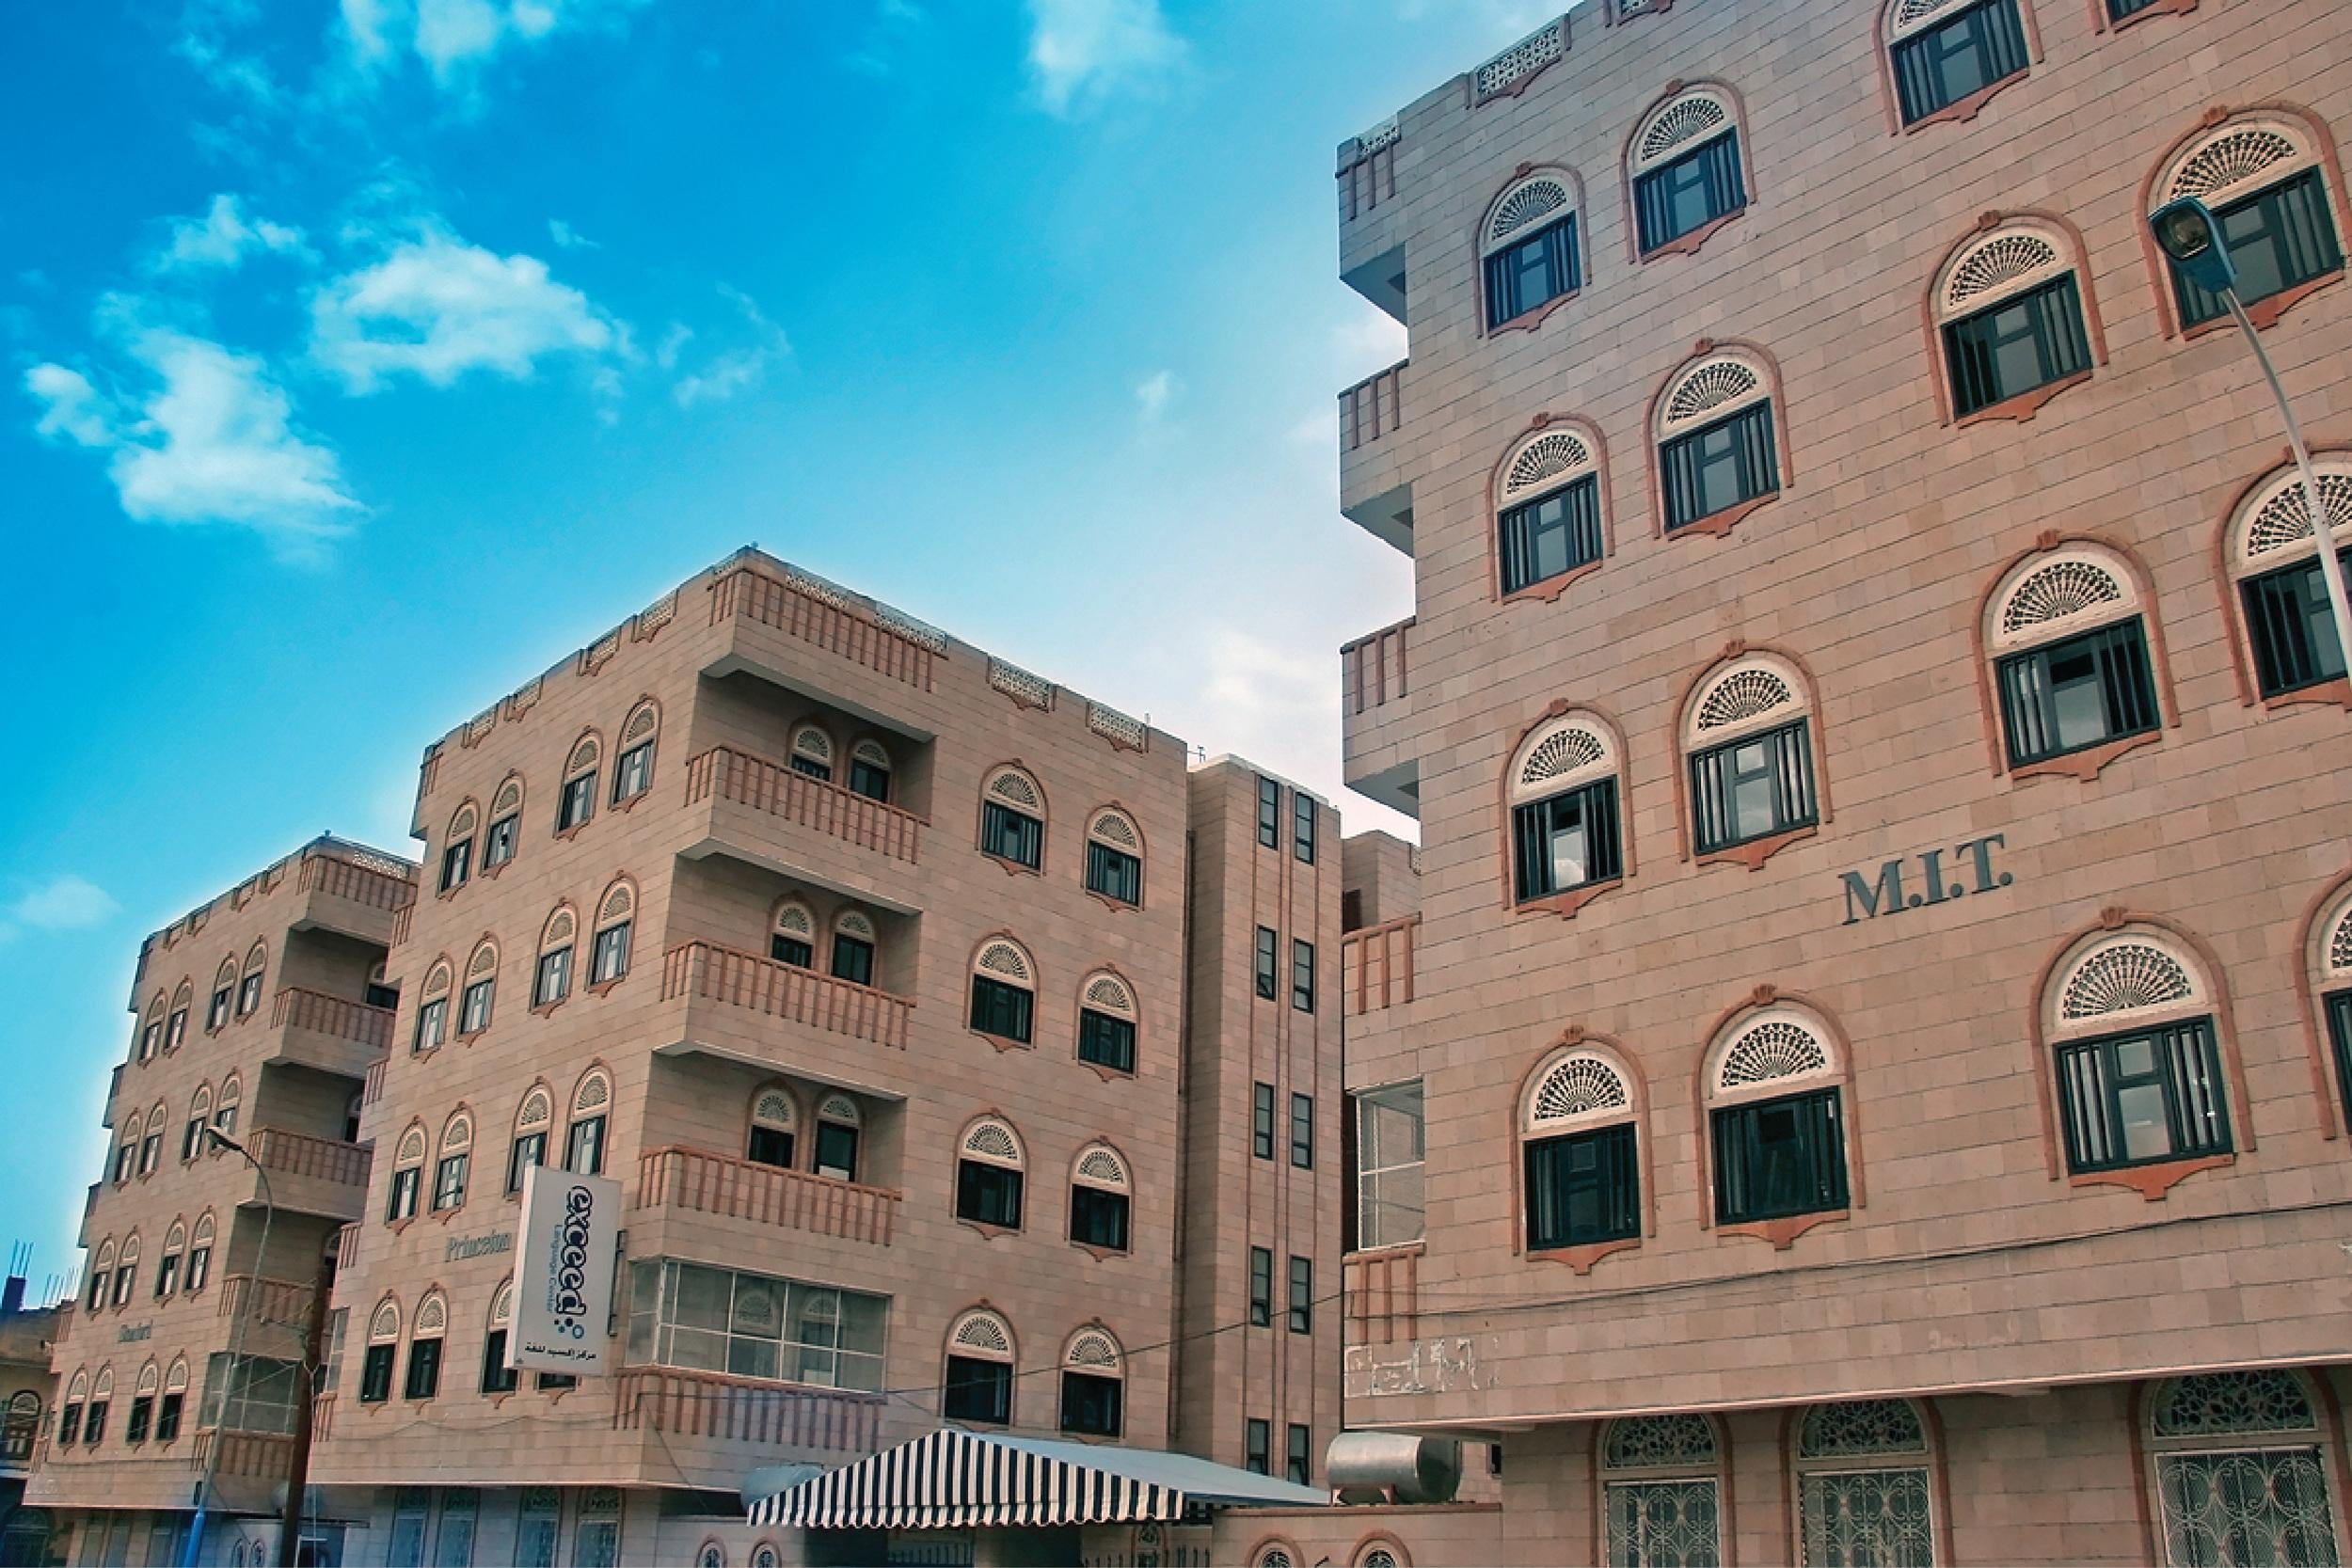 Exceed buildings in the capital of Sanaa, Yemen